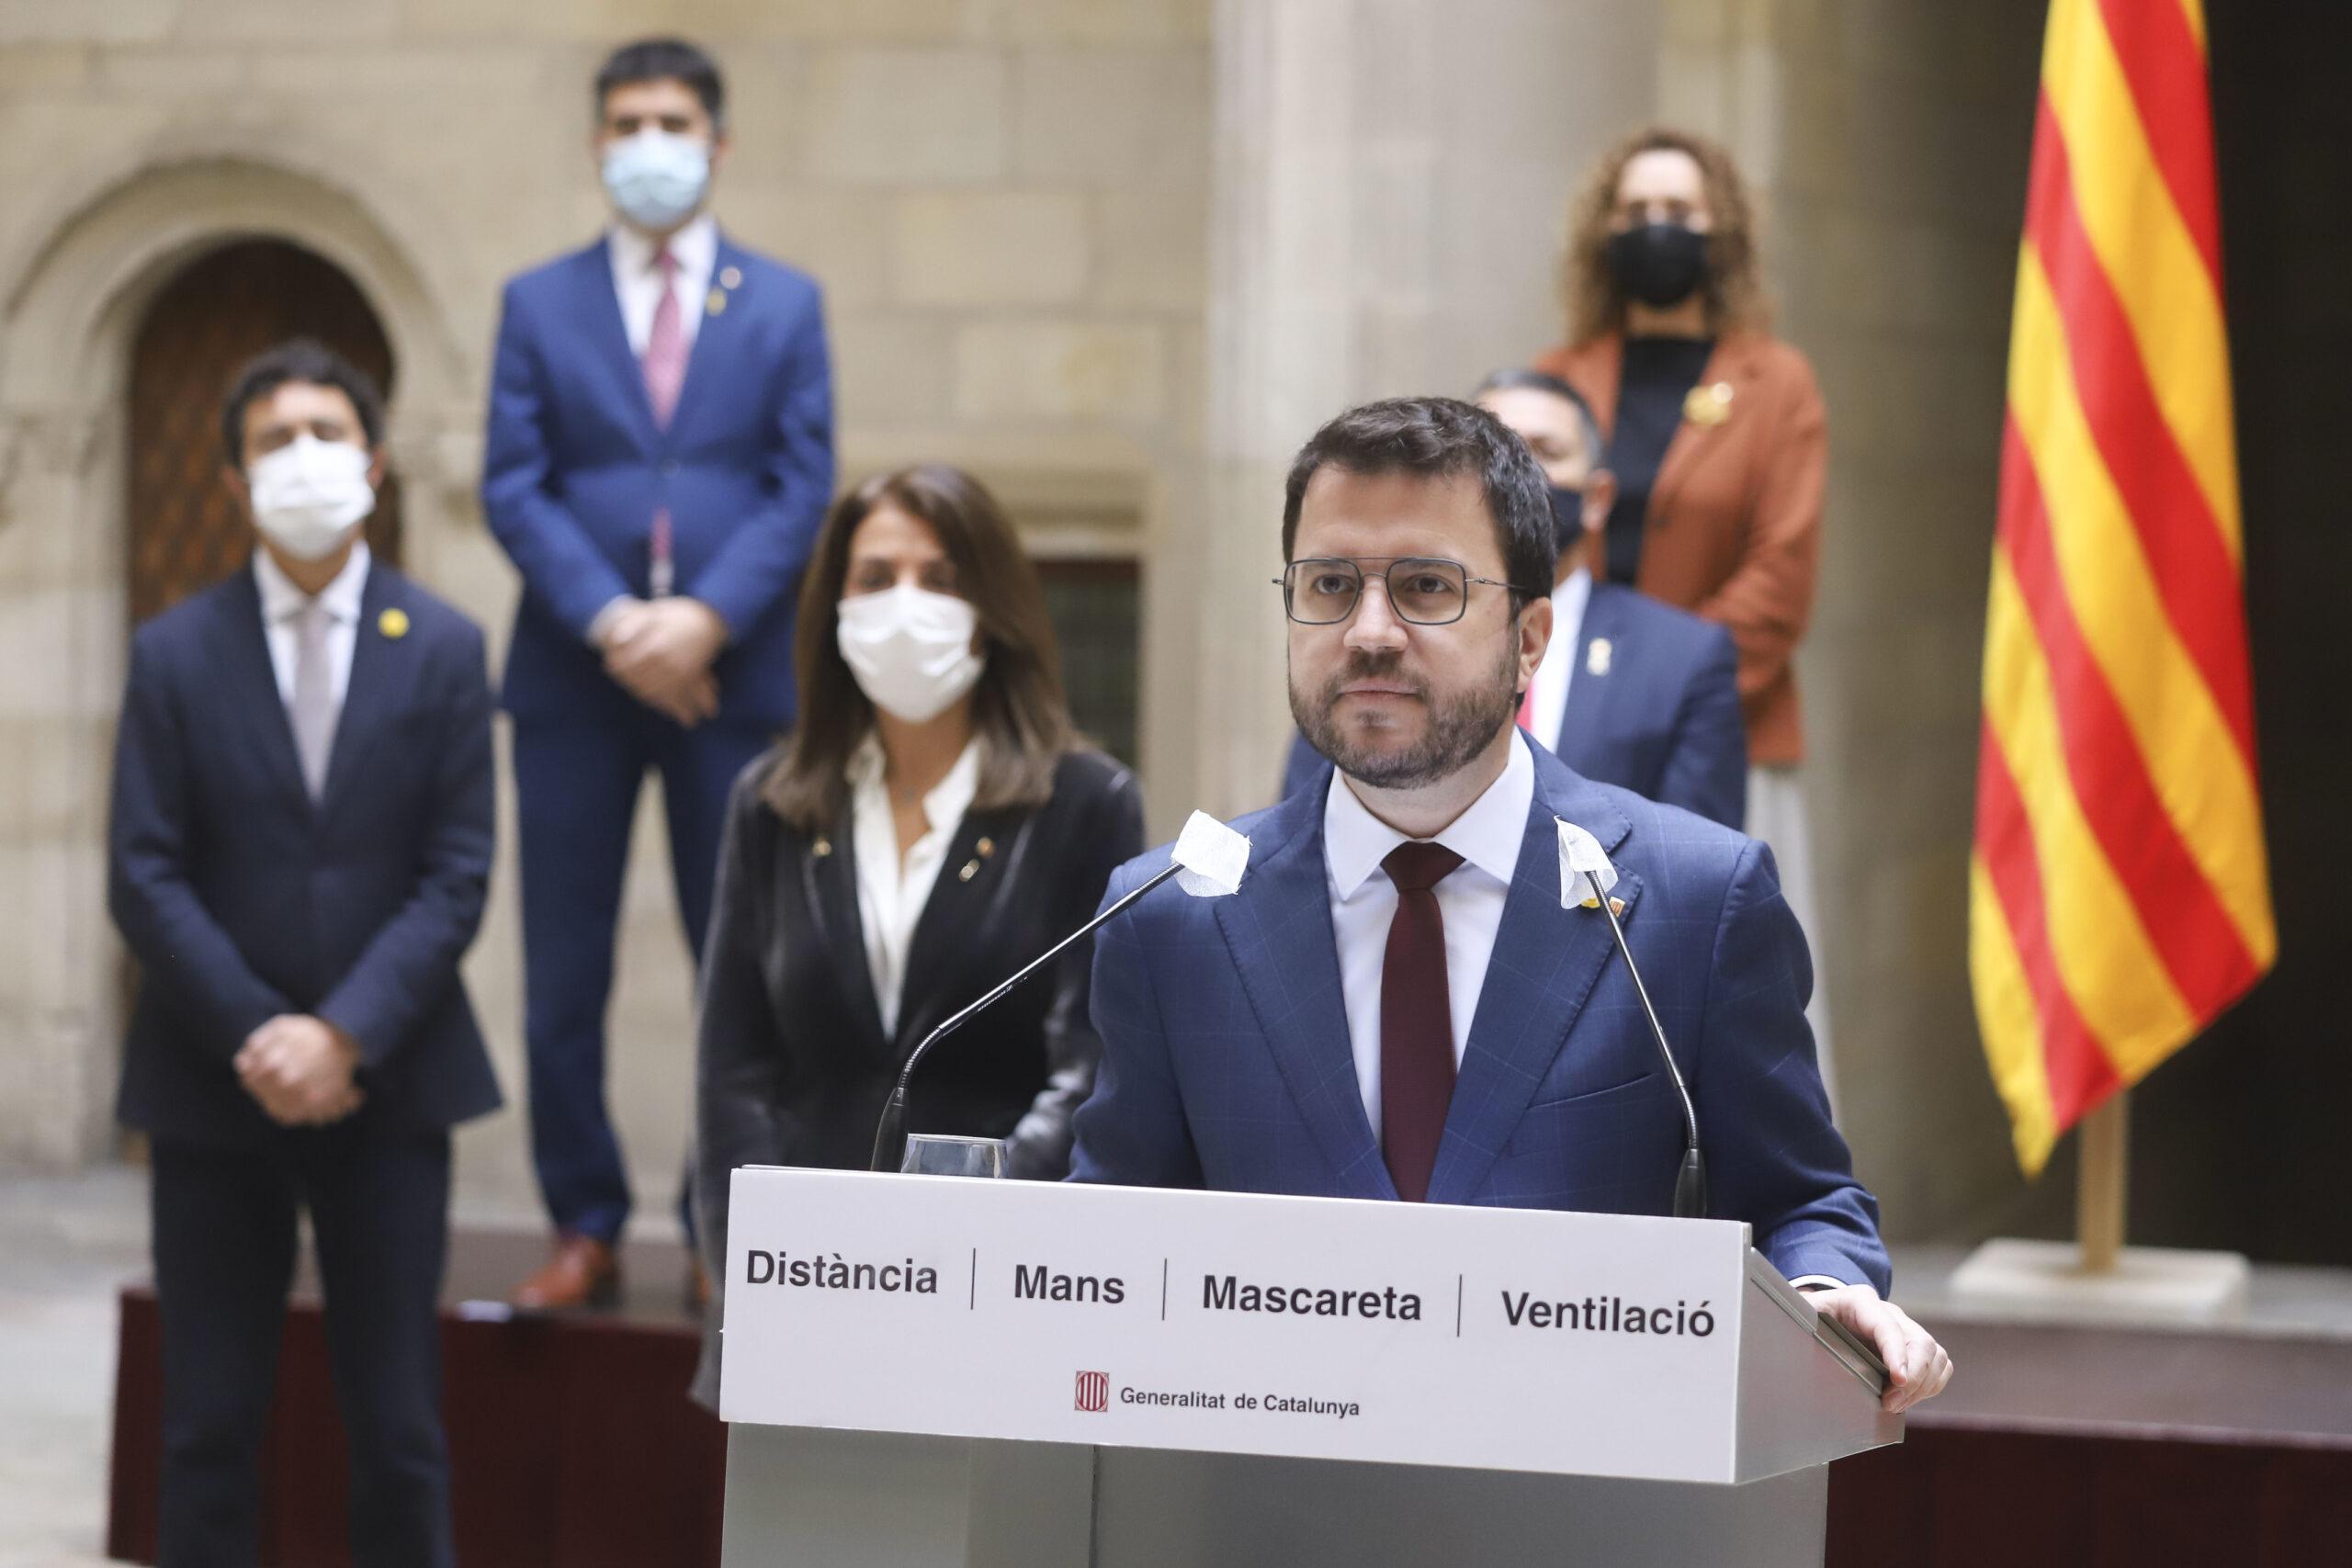 El vicepresident del Govern, Pere Aragonès, en compareixença al Palau de la Generalitat, el 21 de gener de 2021. després de la resolució del TSJC sobre el 14F / ACN